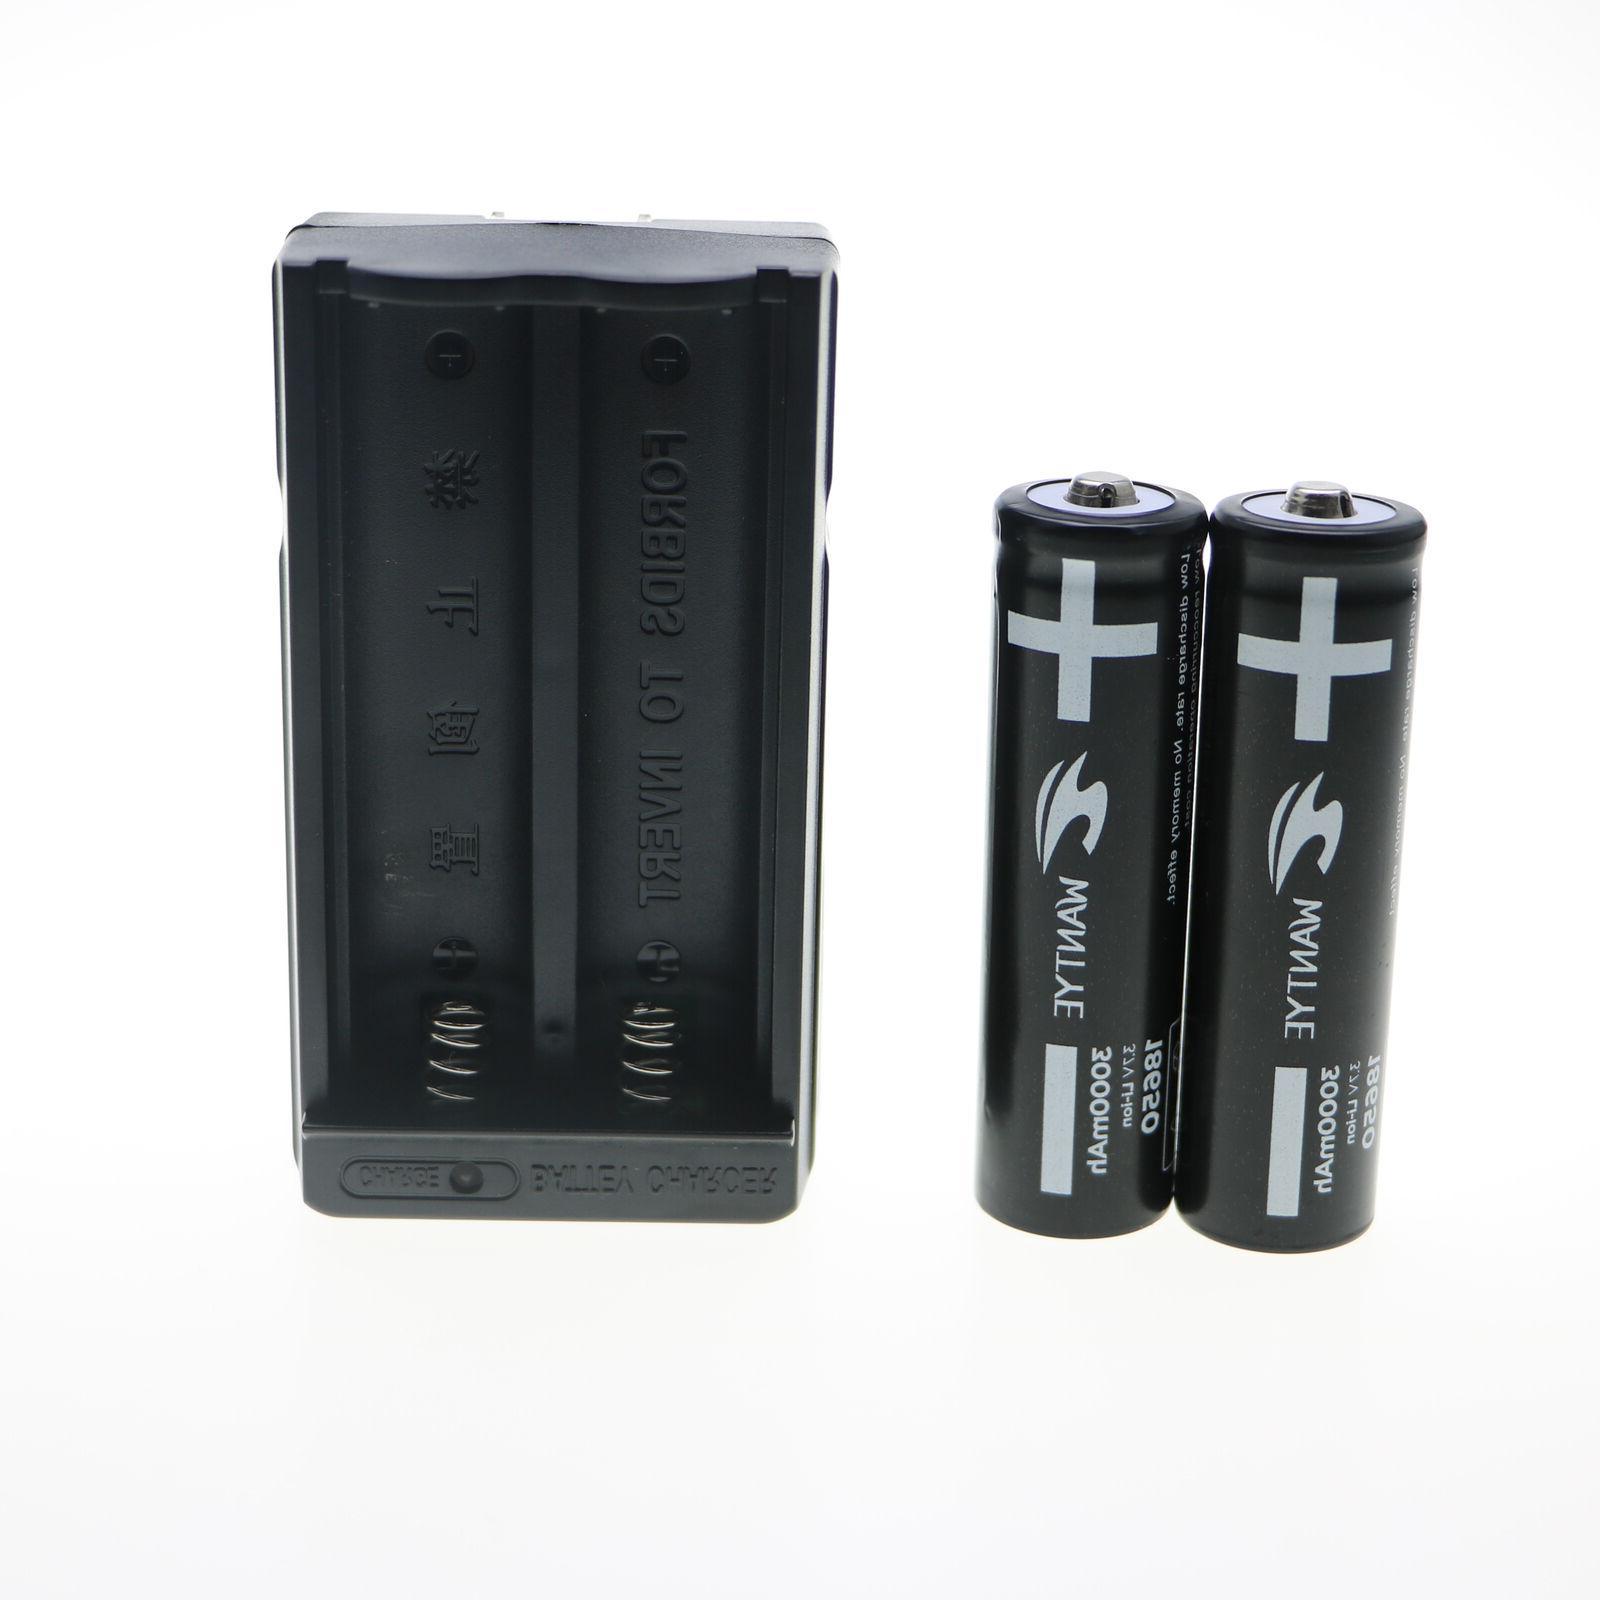 4Pcs 5800mAh Battery Rechargeable Batteries